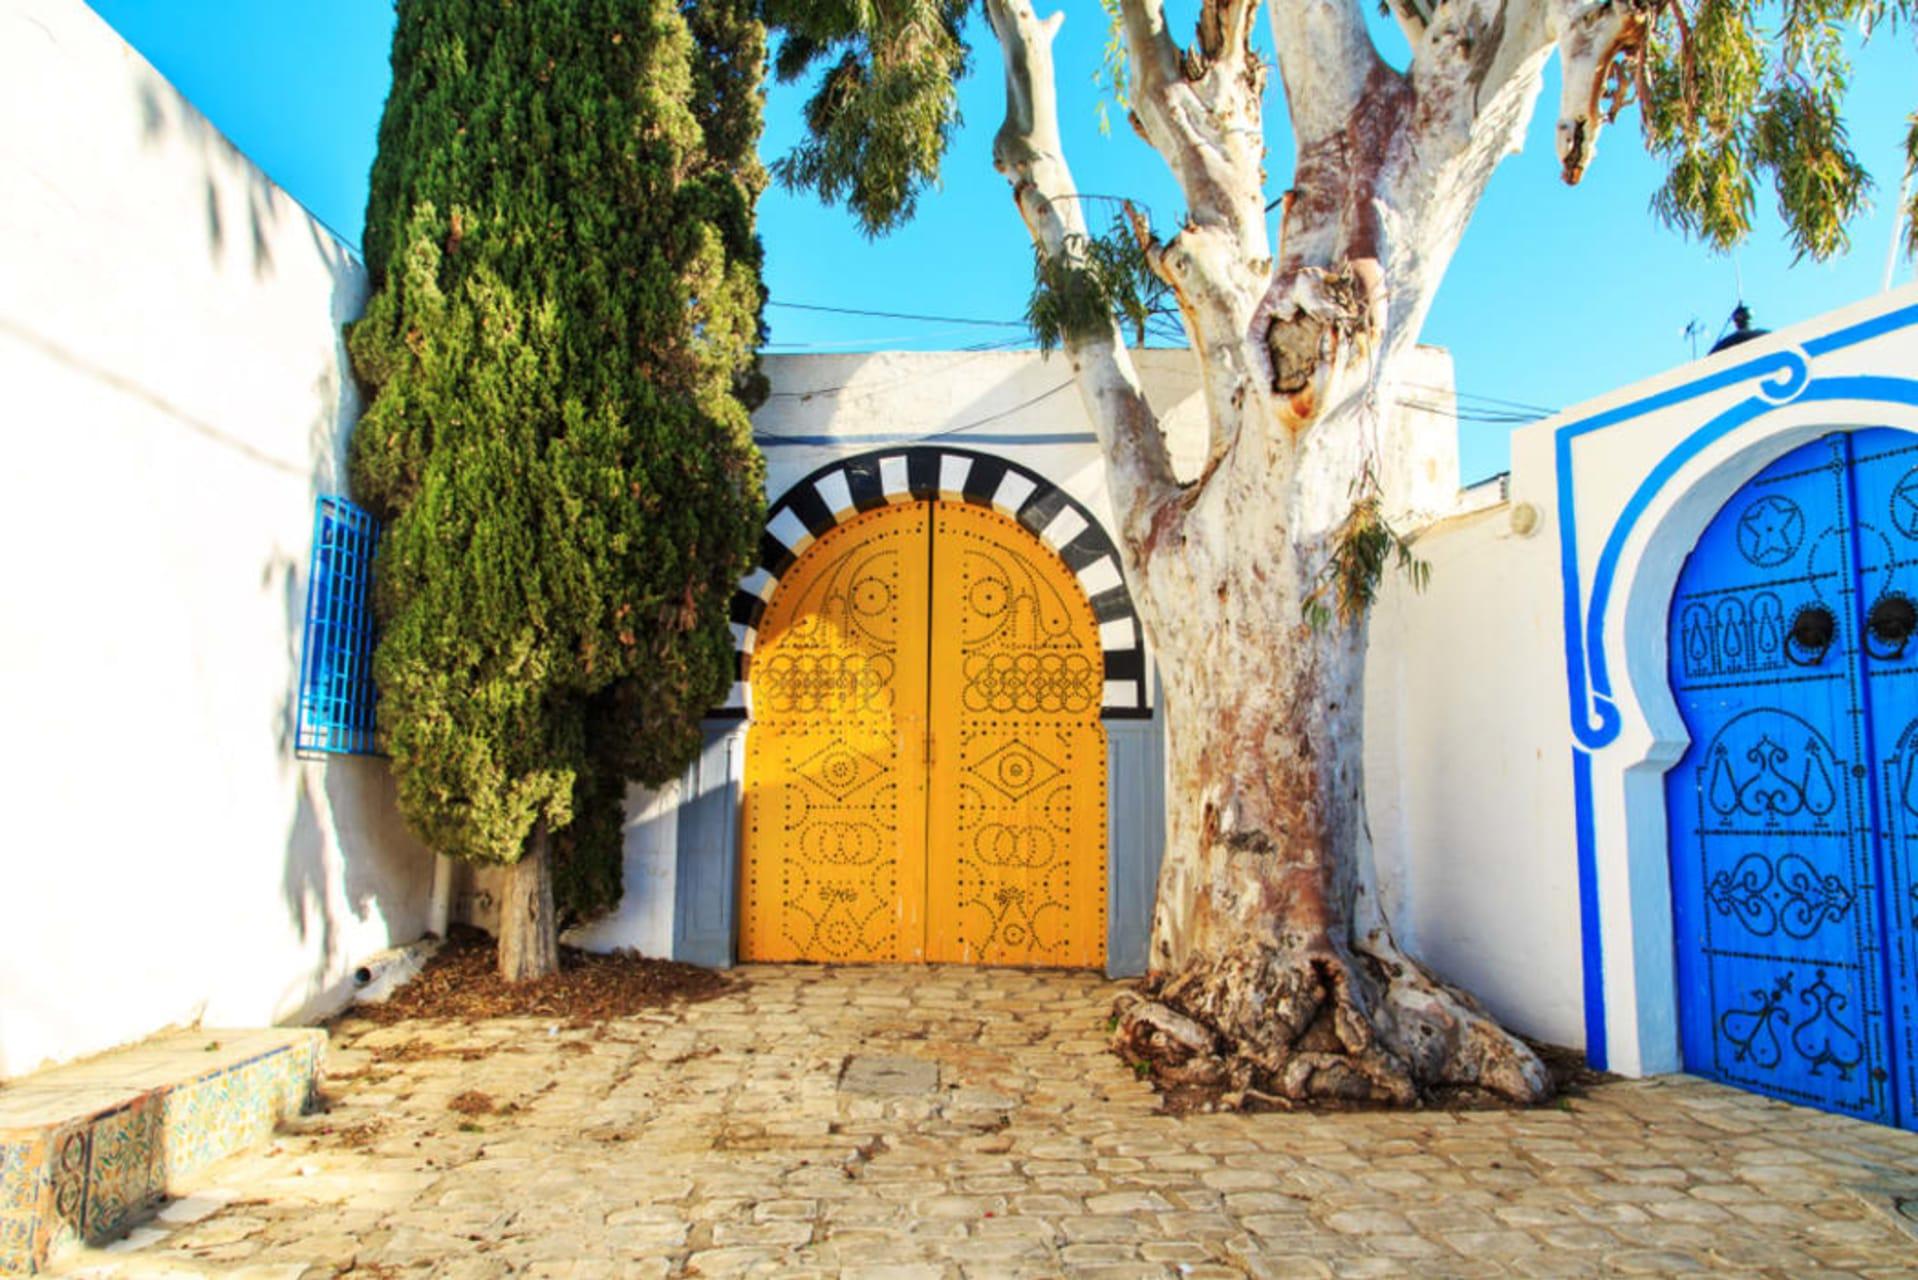 Tunis & Carthage - Mélodie en bleu et blanc à Sidi-Bou-Saïd (TOUR IN FRENCH)